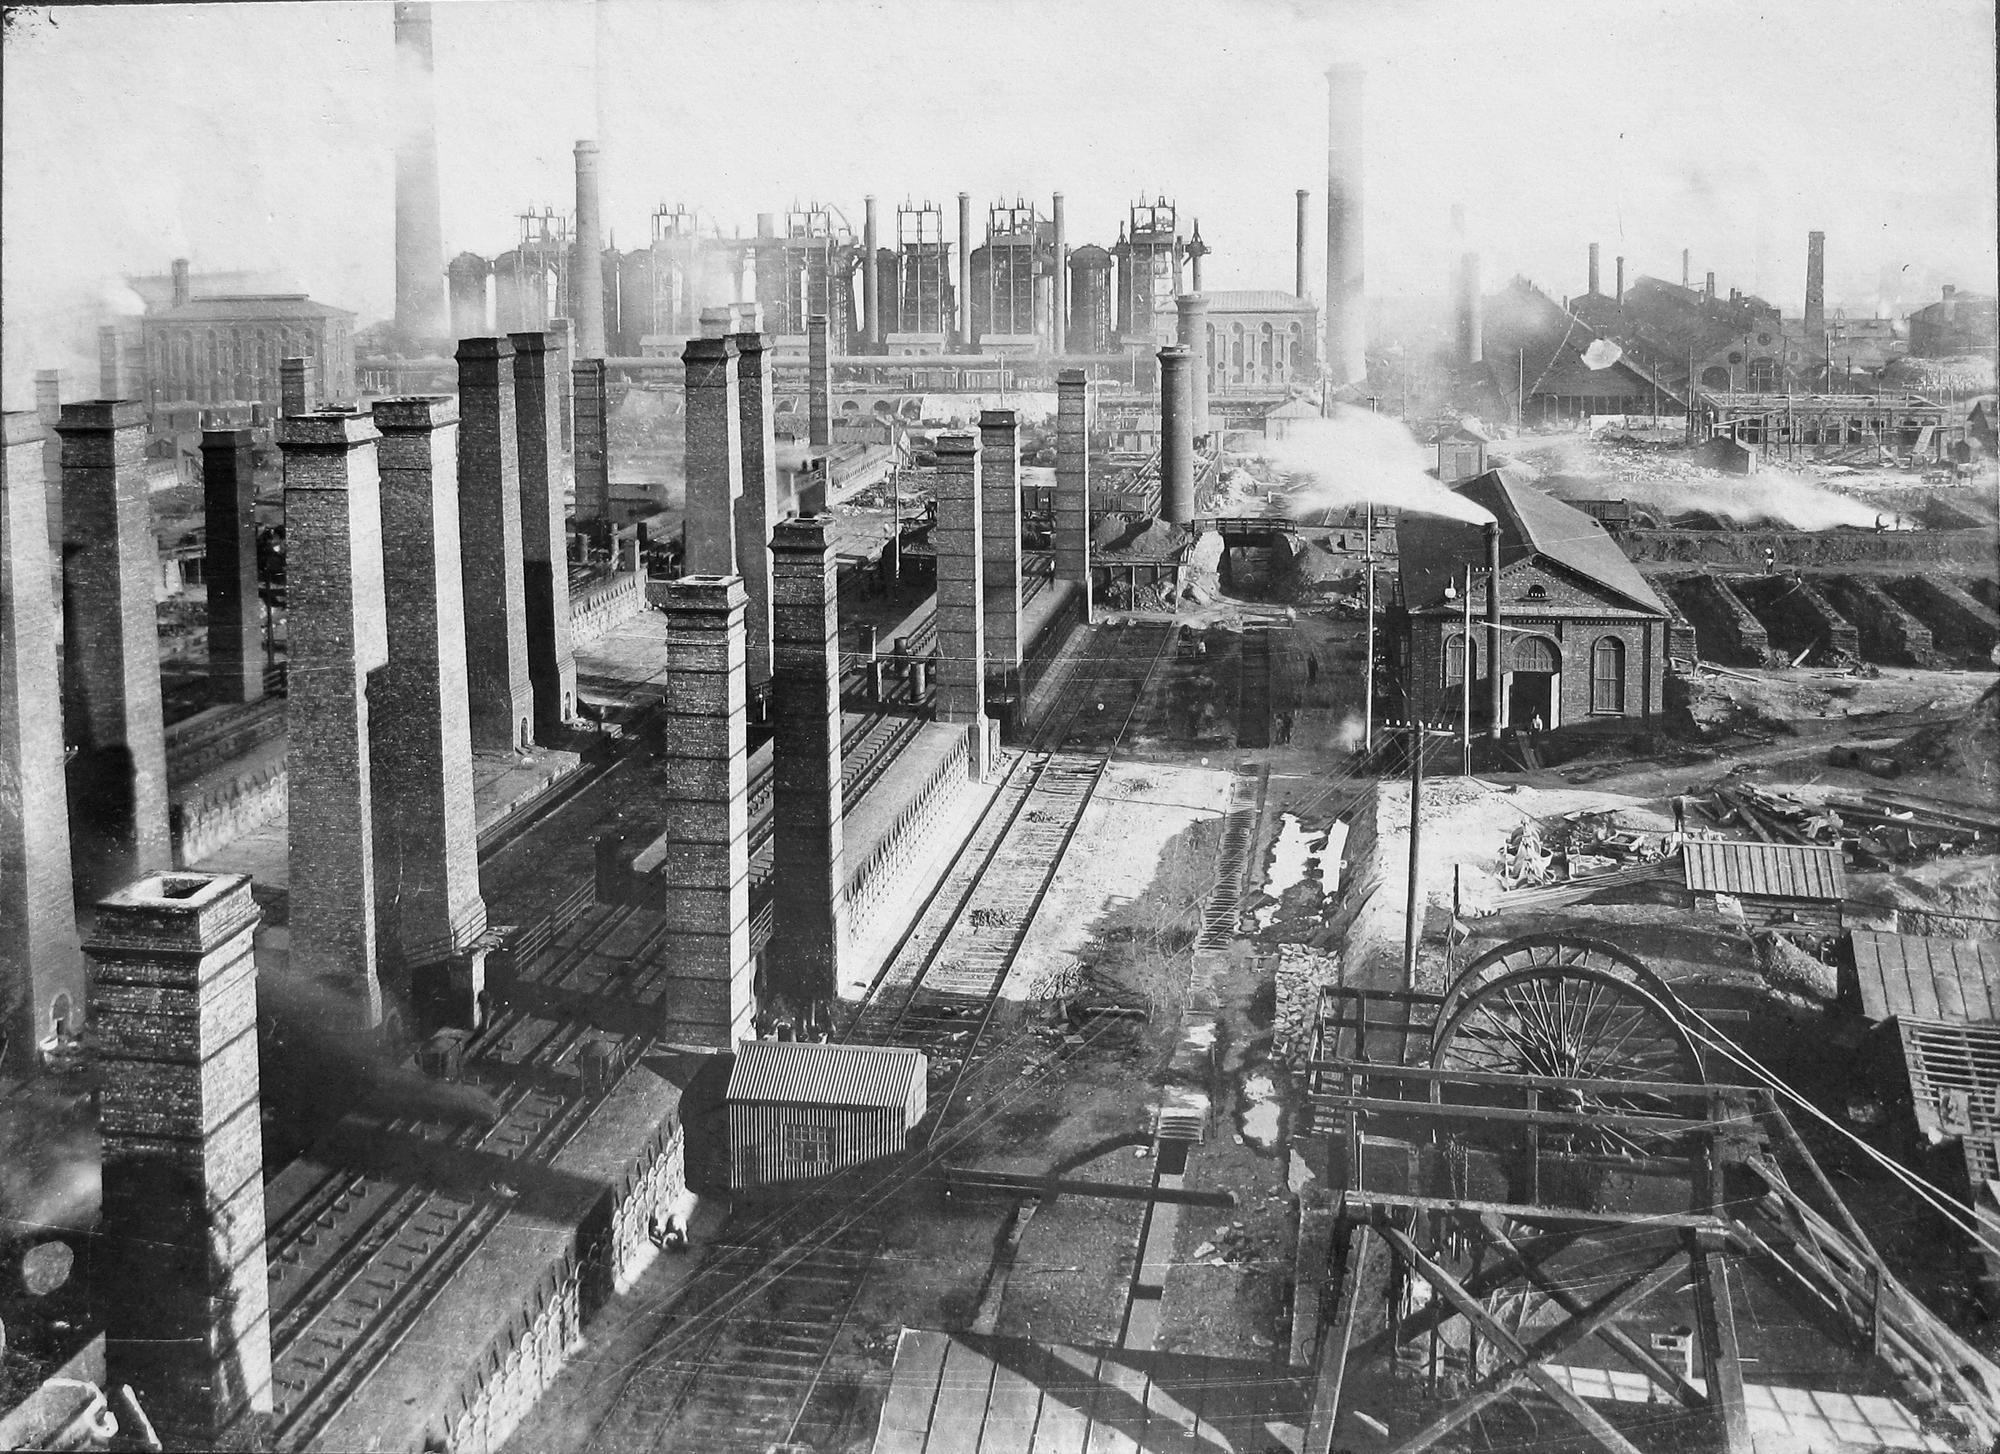 металургійний завод Юза на Донбасі